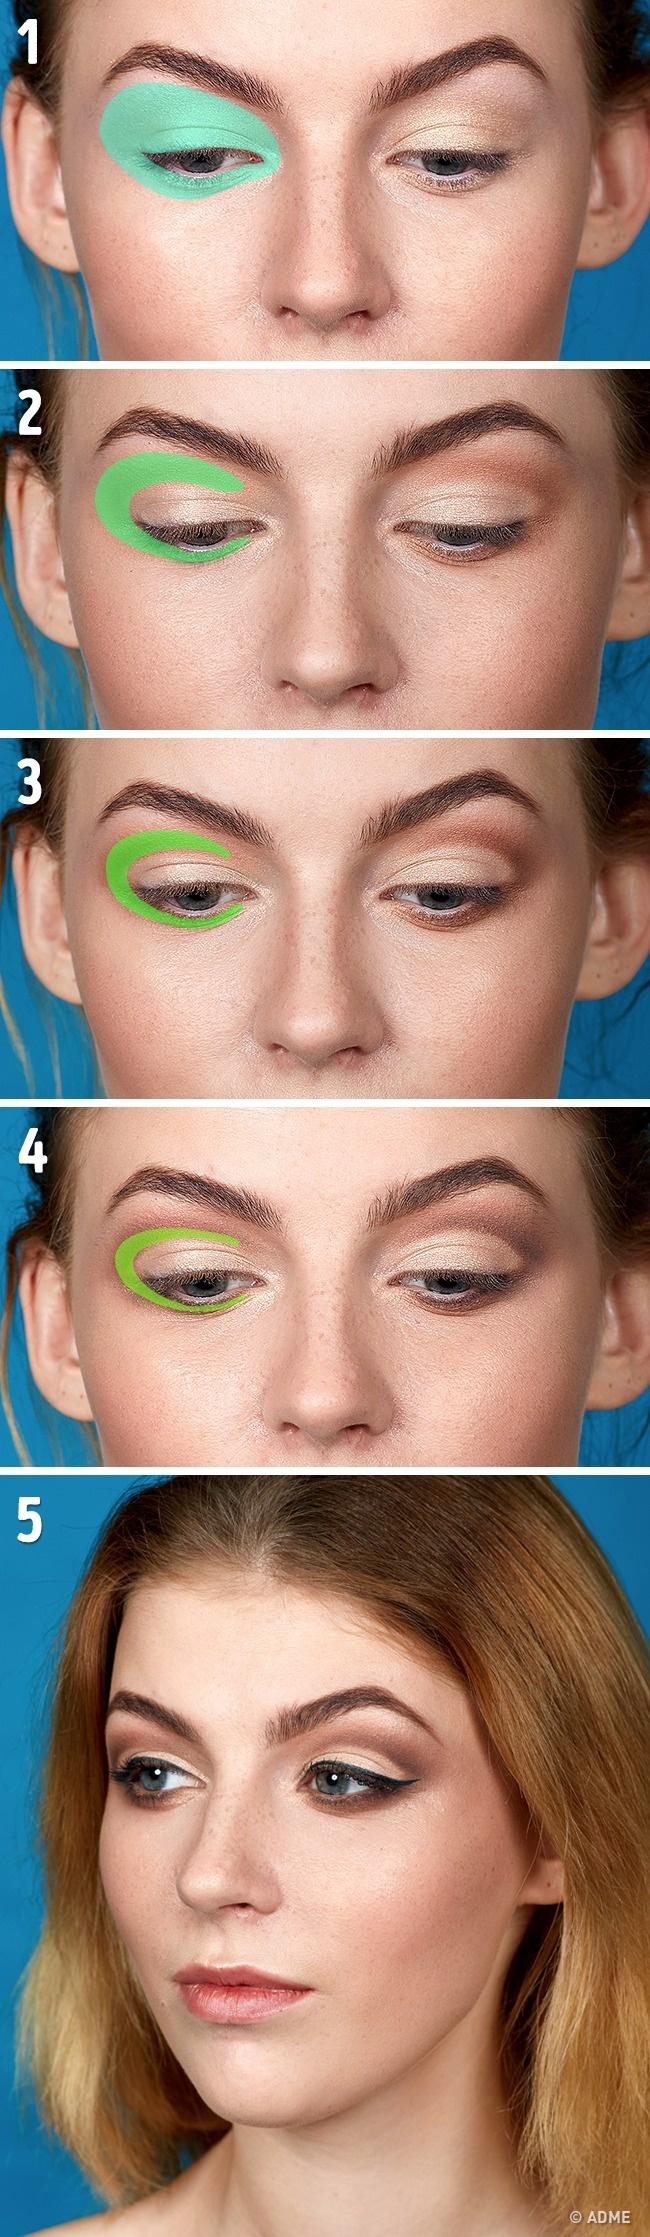 Такой способ нанесения макияжа будет актуален для обладательниц круглых, выпуклых глаз— онвизуальн